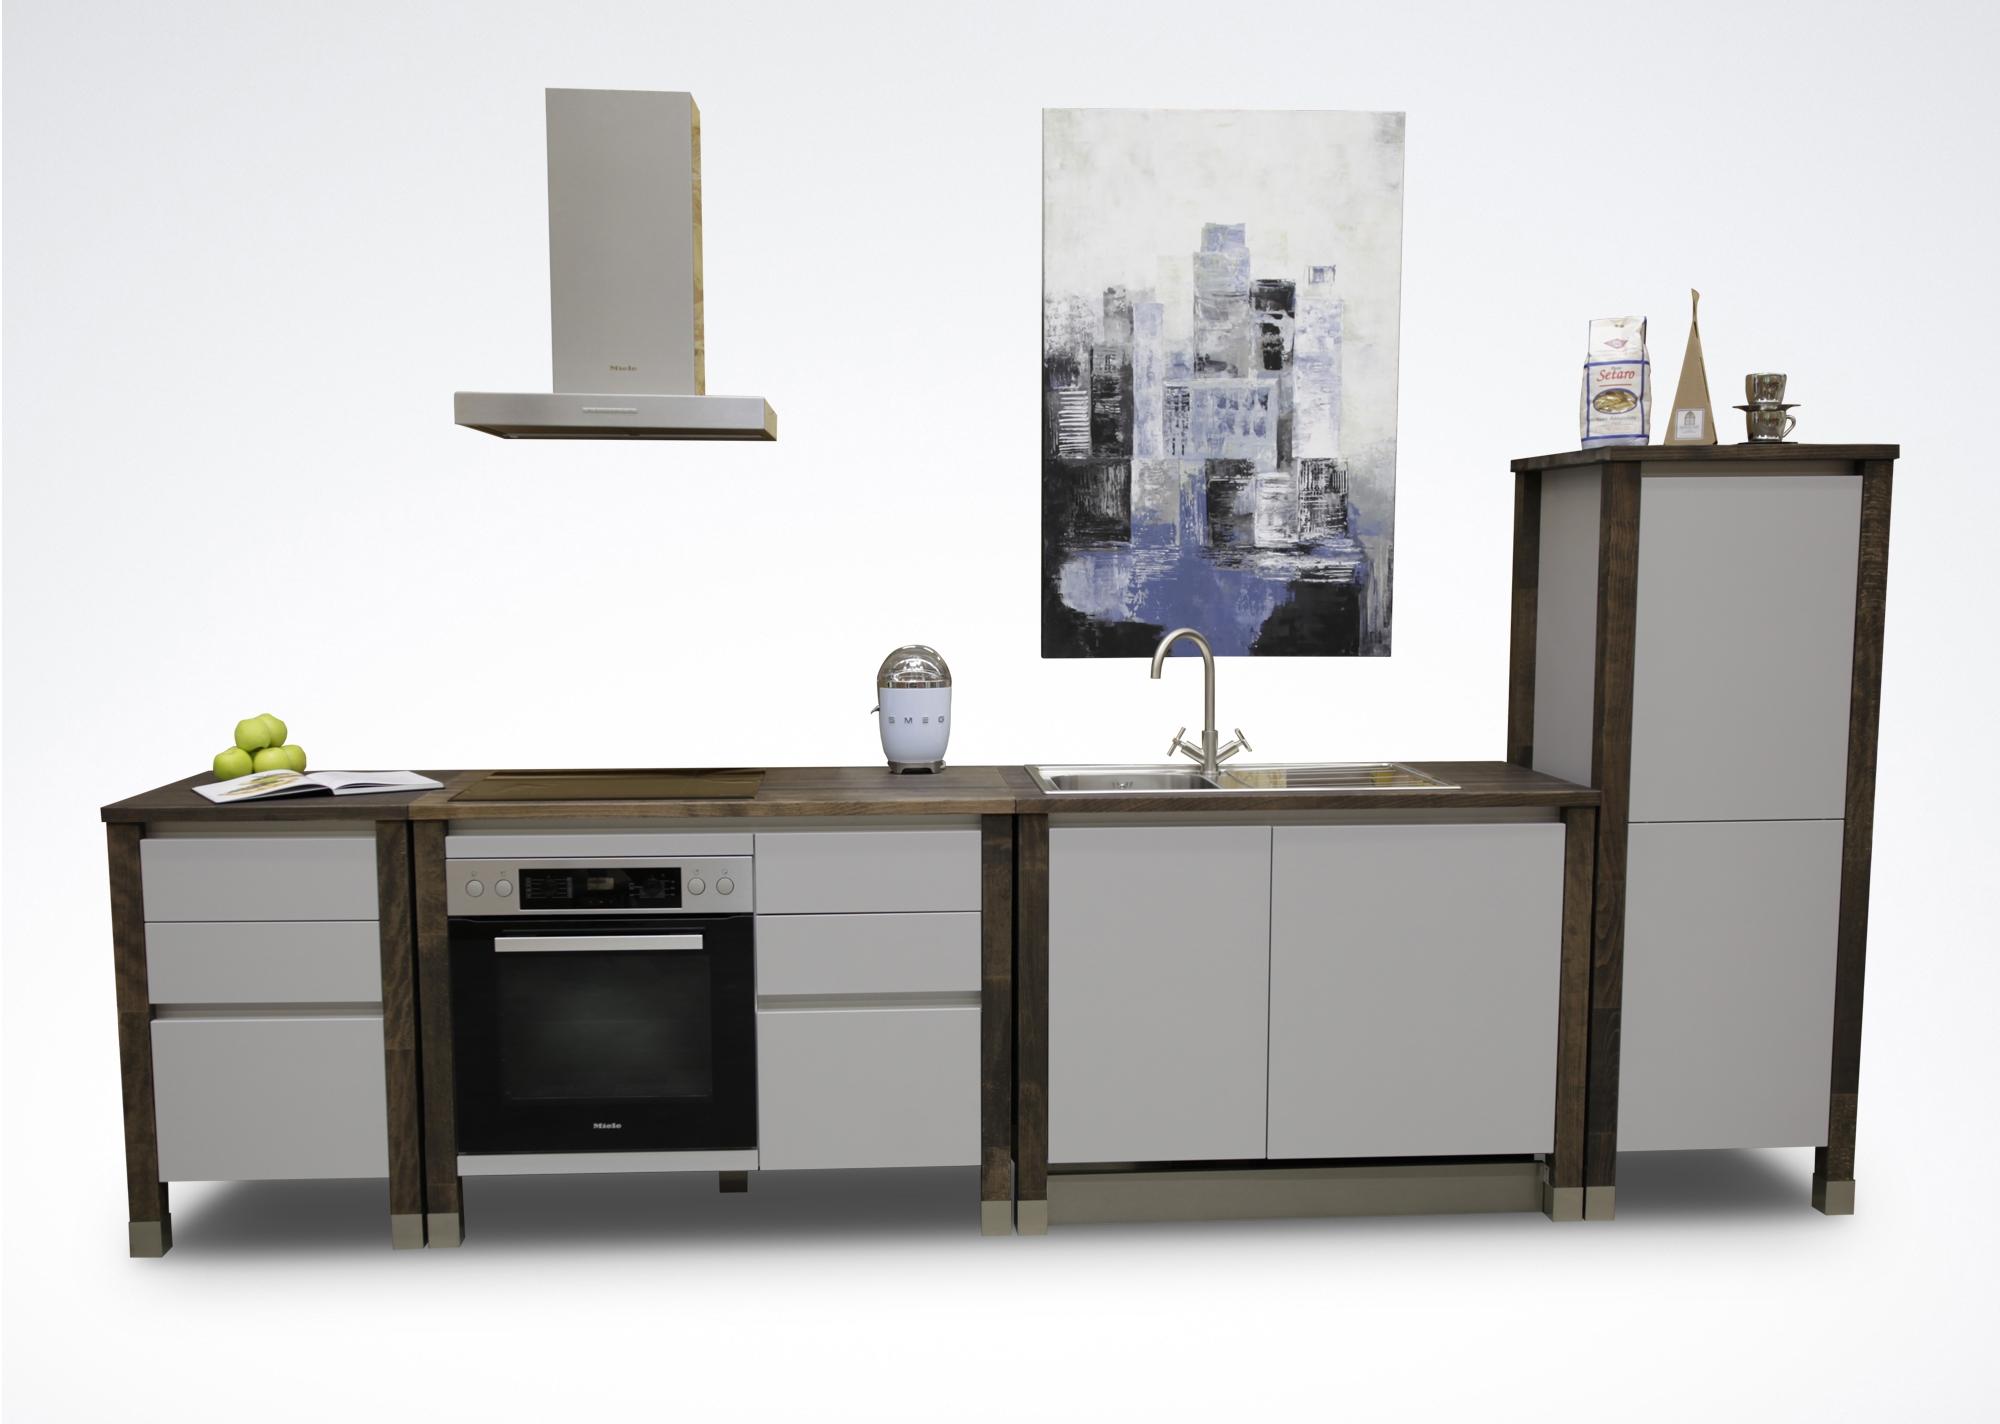 Full Size of Ikea Edelstahlküche Modulkchen Bloc Modulkche Betten 160x200 Sofa Mit Schlaffunktion Küche Kosten Modulküche Kaufen Gebraucht Bei Miniküche Wohnzimmer Ikea Edelstahlküche